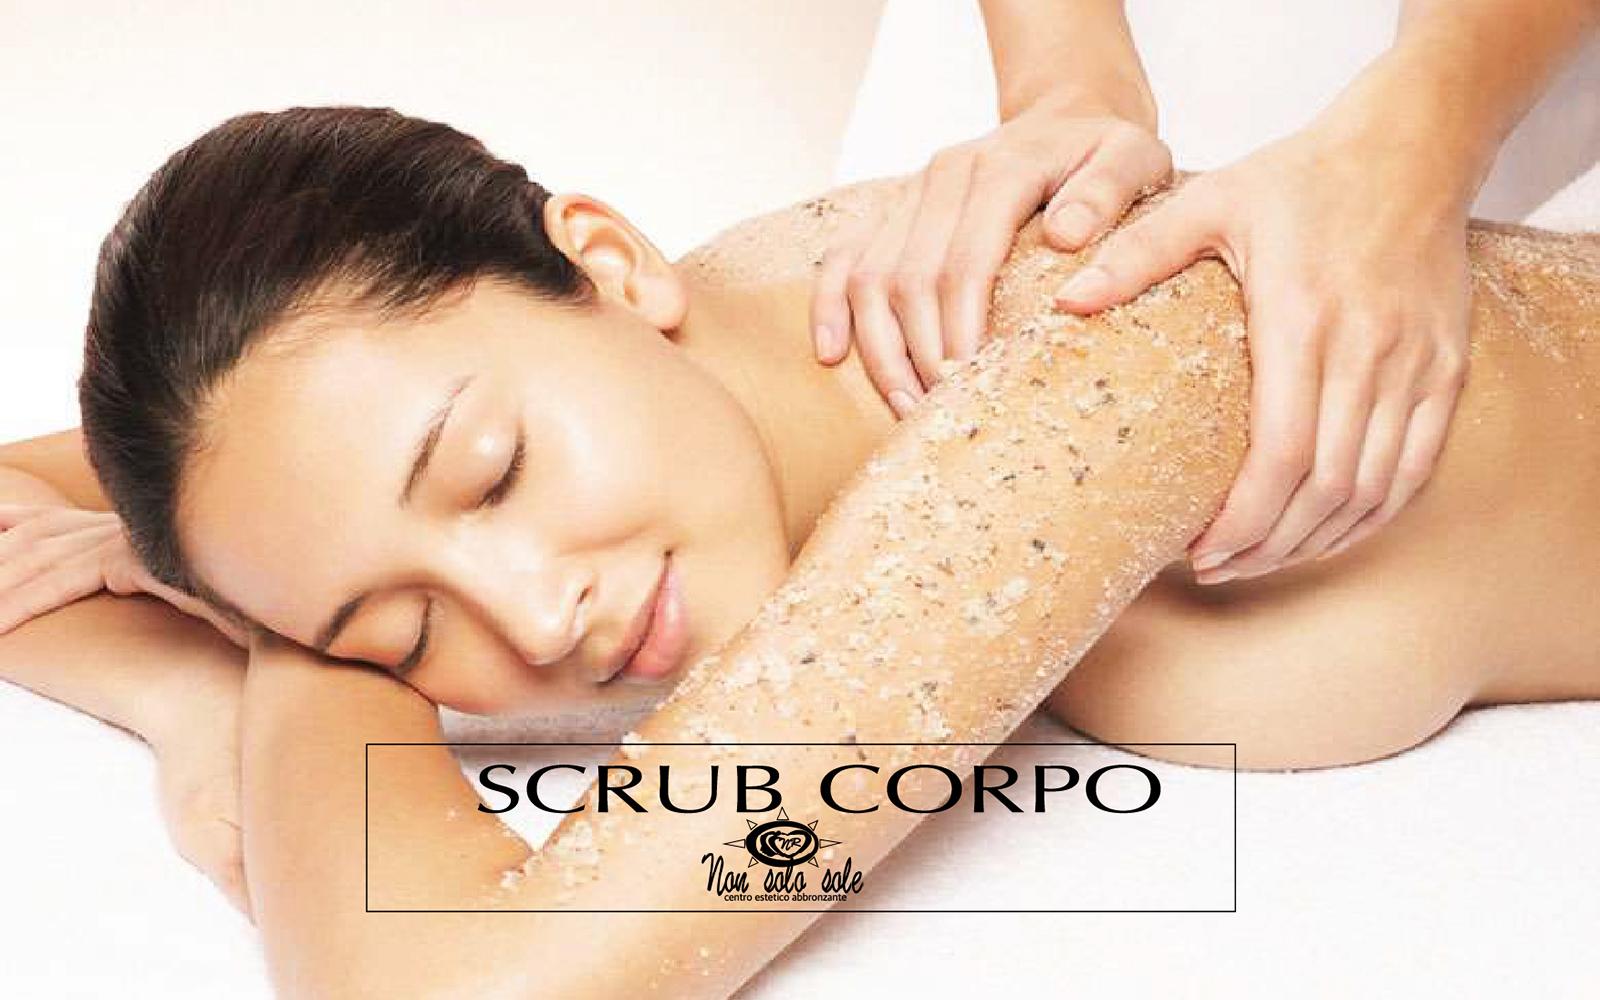 Centro estetico specializzato in trattamenti scrub corpo